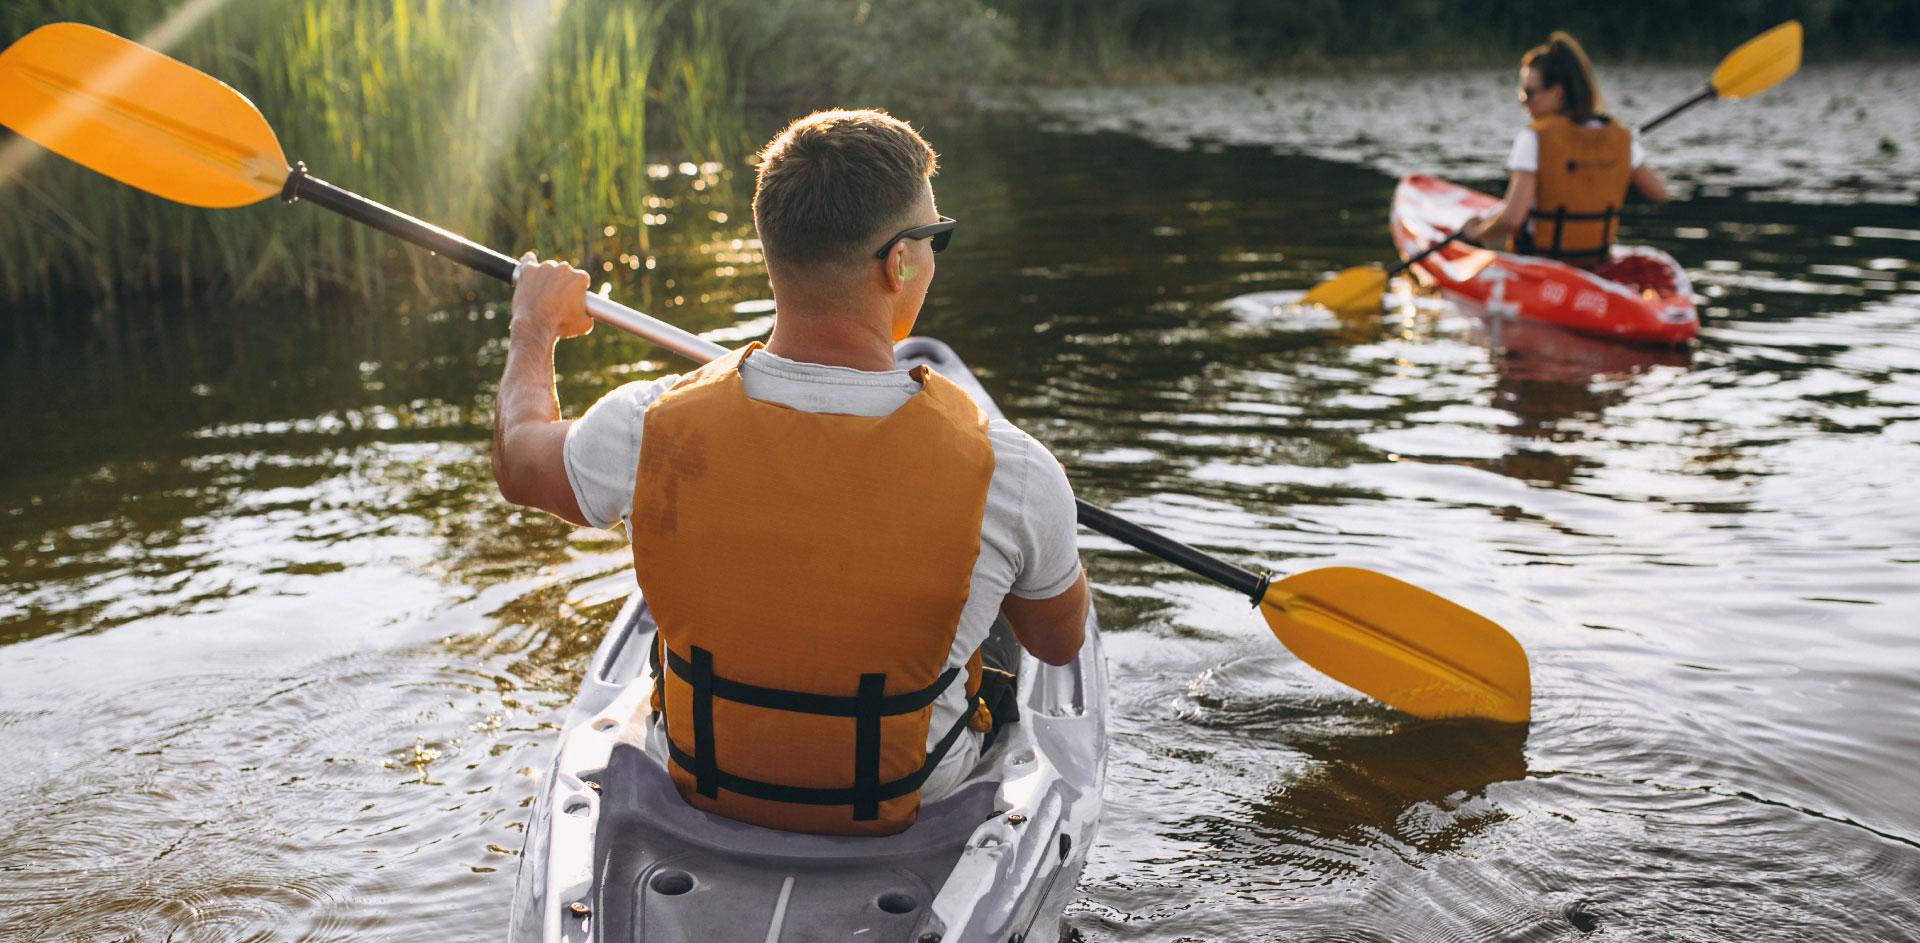 Uomo in canoa nel fiume